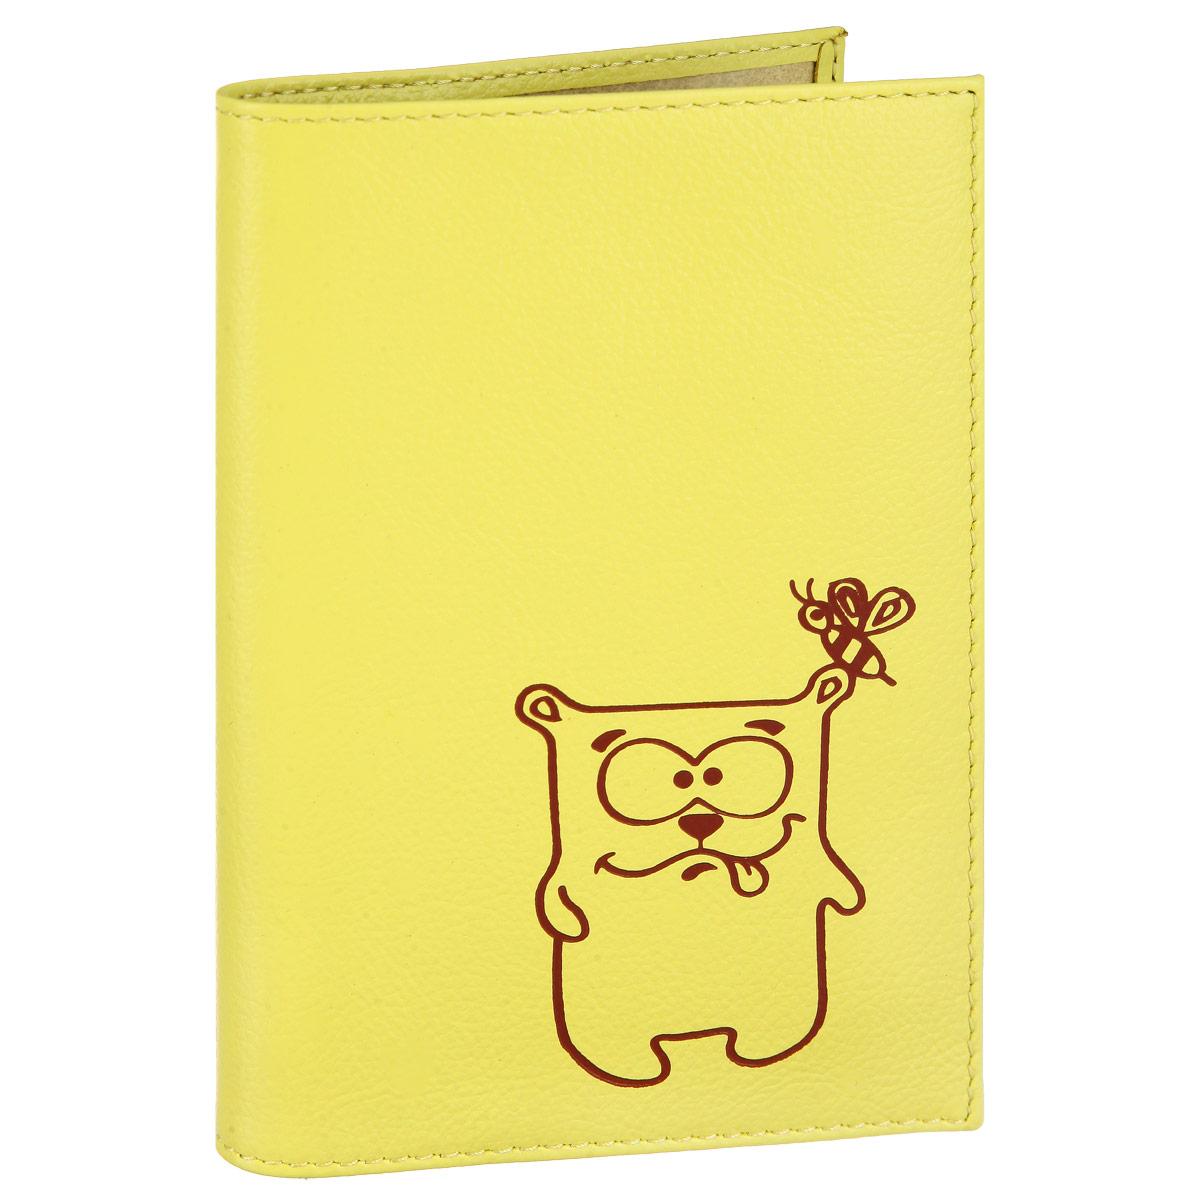 Обложка для паспорта Fabula Friends цвет: лимонный. O.30.CHW16-12123_811Стильная обложка для паспорта Fabula Friends выполнена из натуральной кожи с зернистой текстурой, оформлена художественной печатью с изображением забавного медвежонка. Обложка для паспорта раскладывается пополам, внутри расположены два пластиковых кармашка.Такая обложка для паспорта станет прекрасным и стильным подарком человеку, любящему оригинальные и практичные вещи.